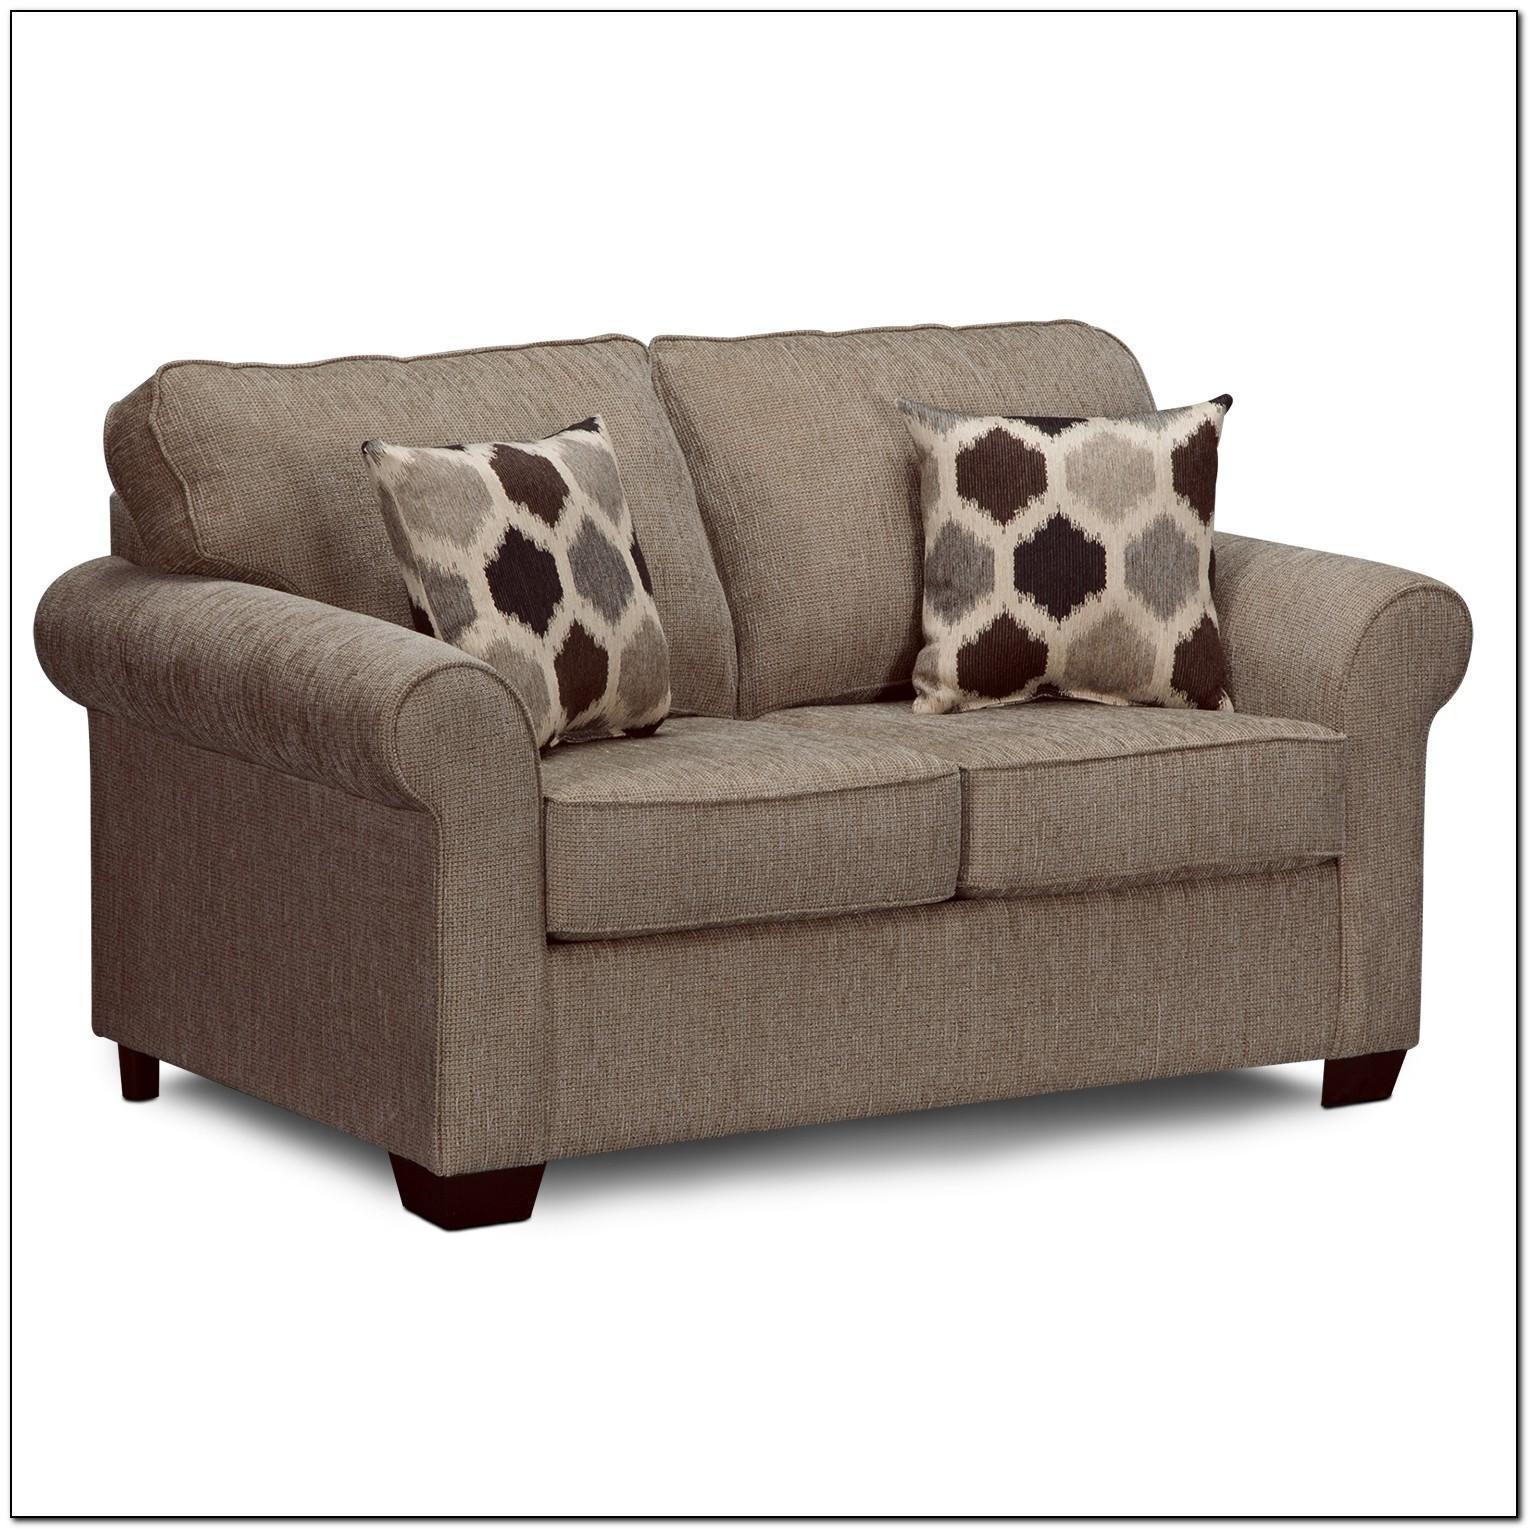 Sleeper Chair Twin Sears (View 20 of 20)